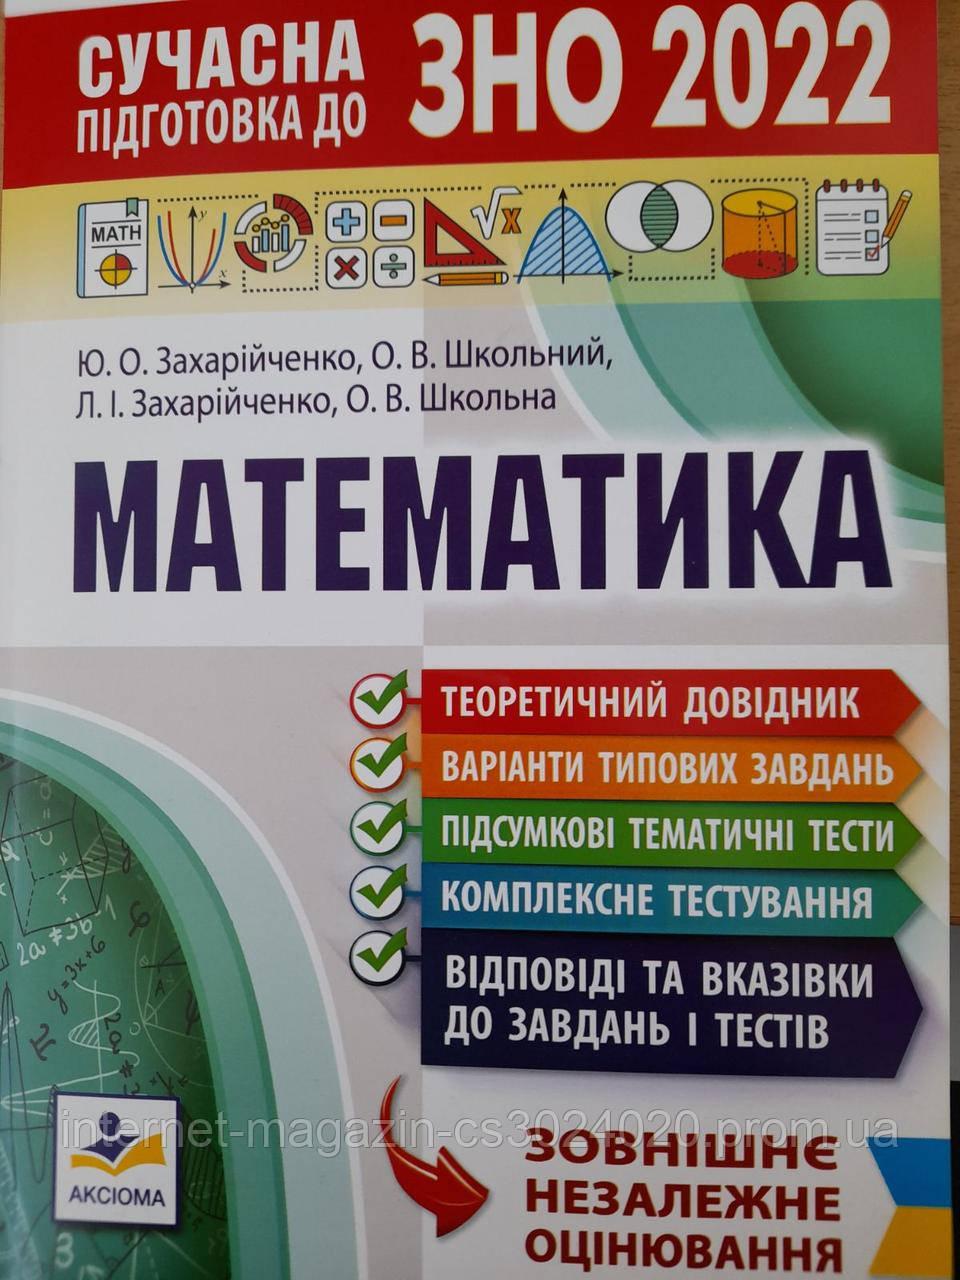 Сучасна підготовка до ЗНО з математики. Захарійченко Ю.О. та ін.